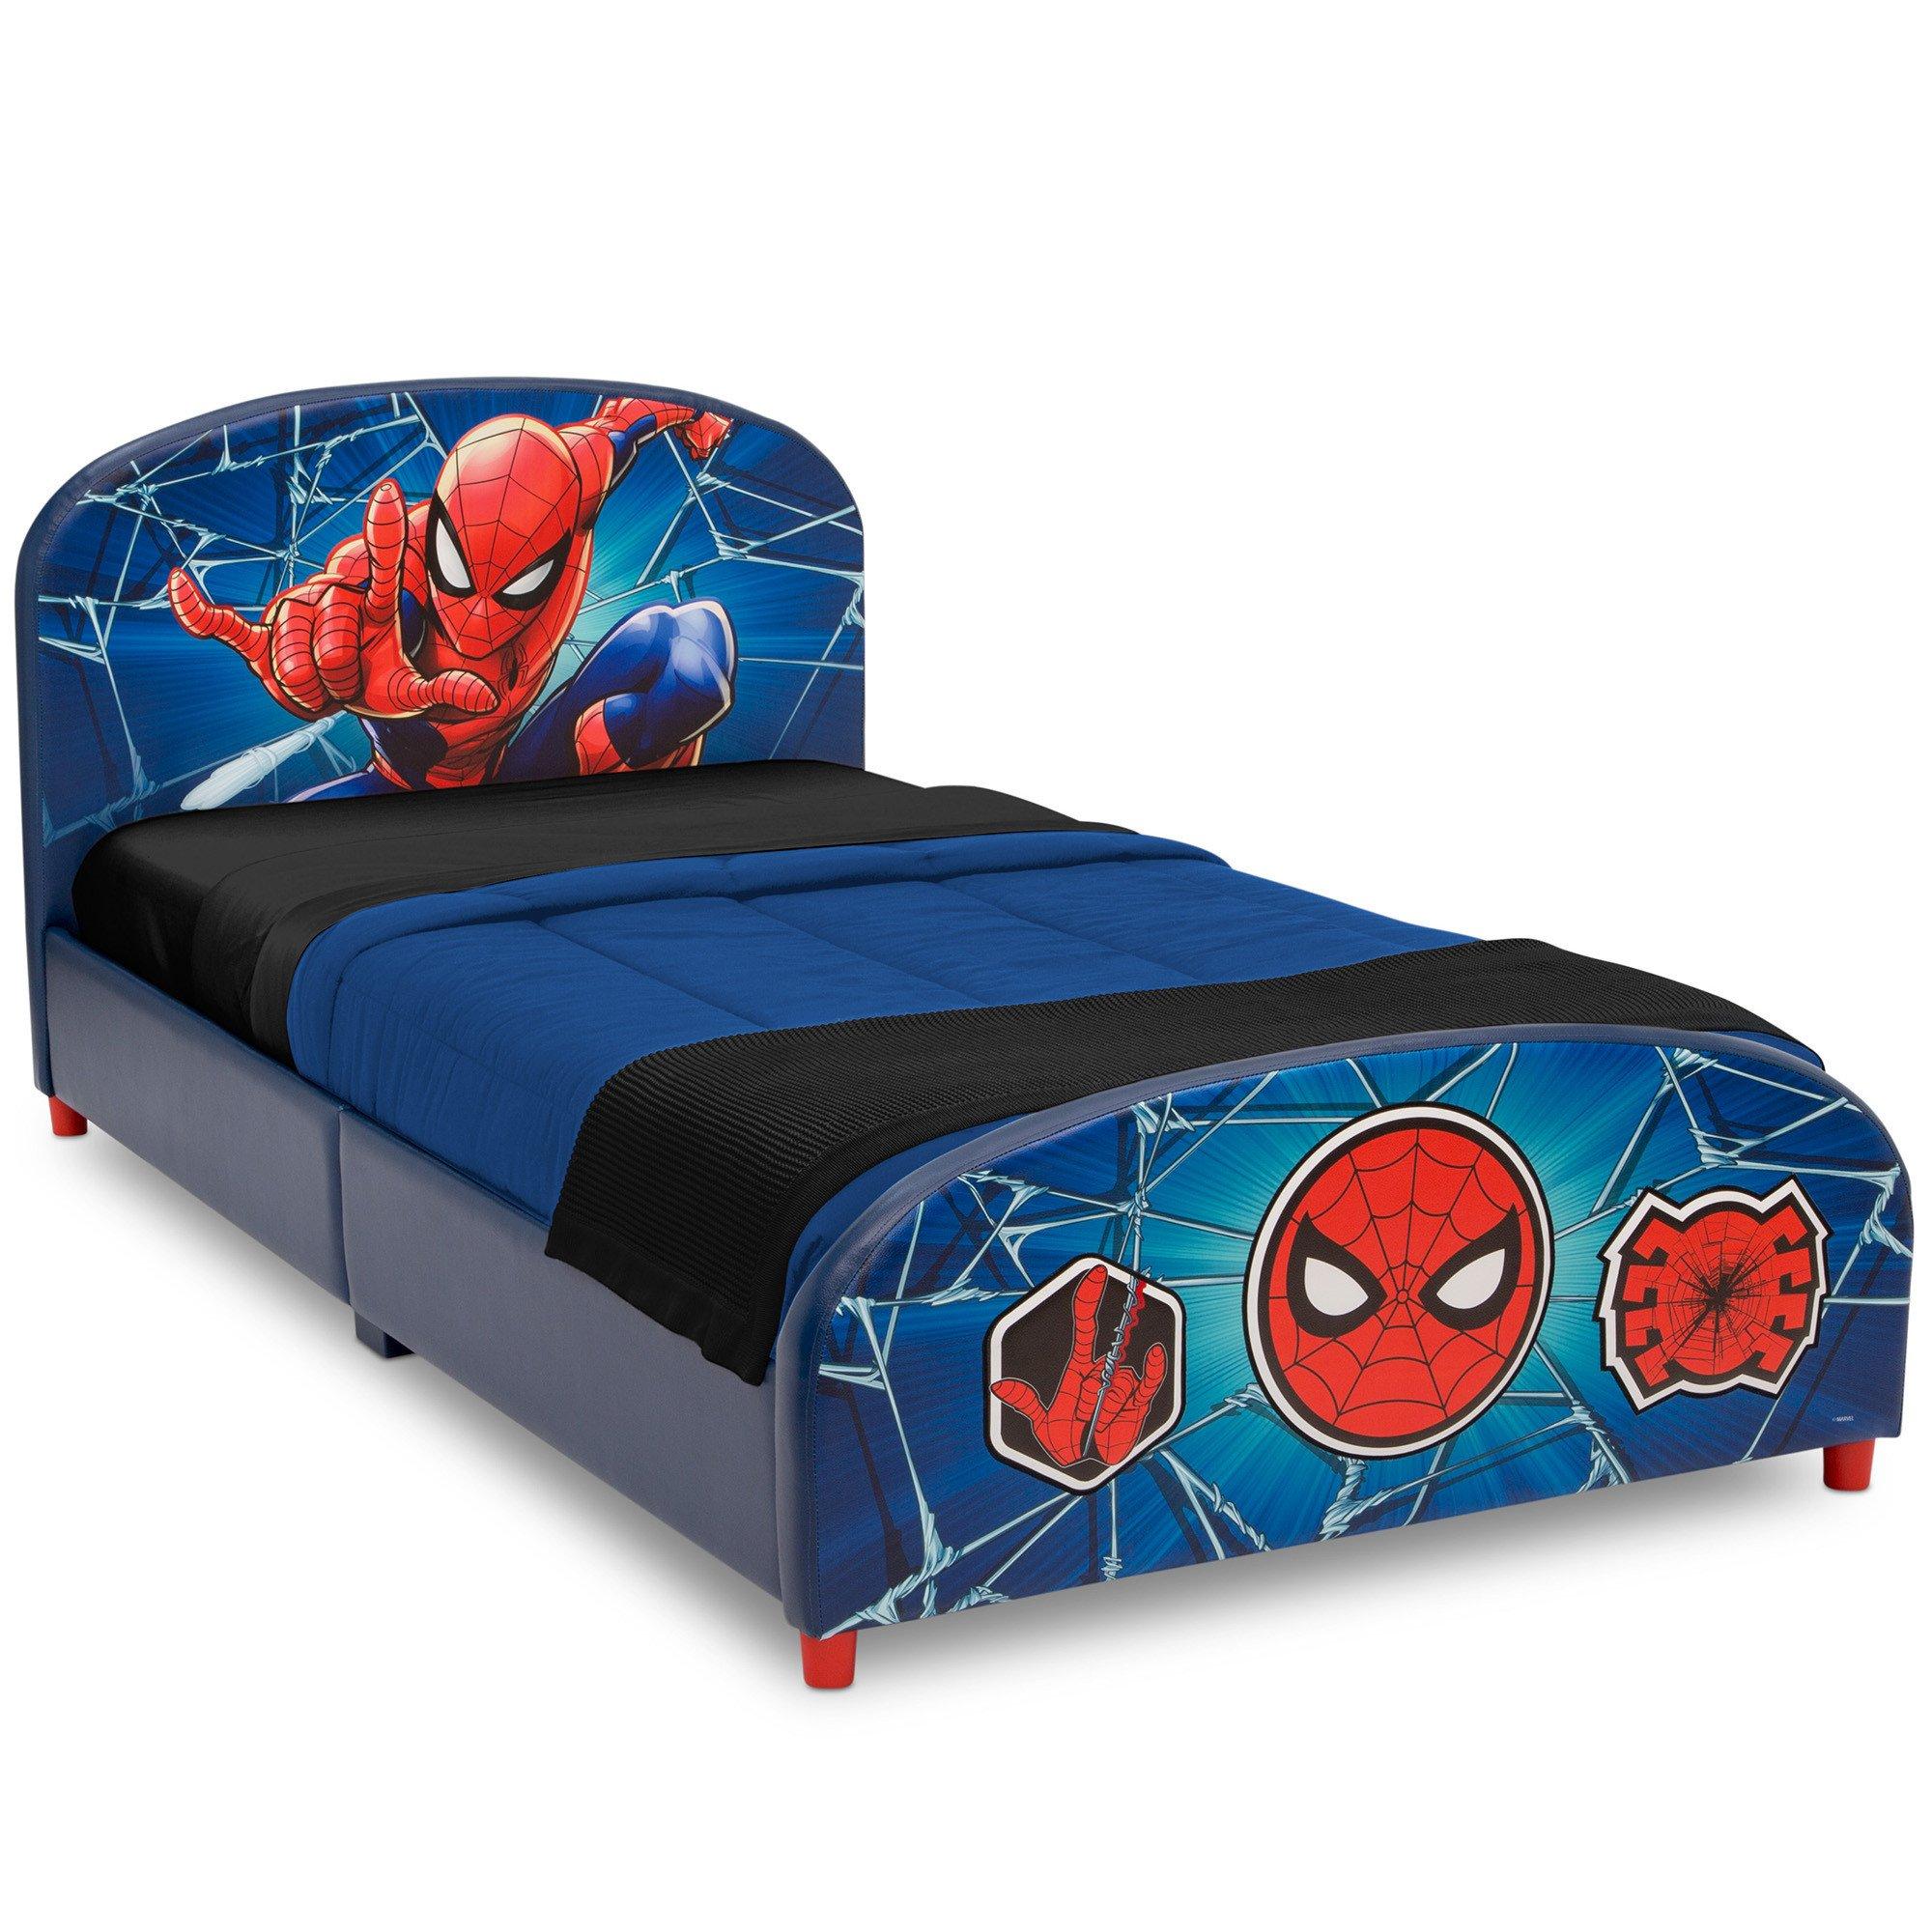 Walmart Bedroom End Tables Inspirational Delta Children Marvel Spider Man Upholstered Bed Twin Walmart